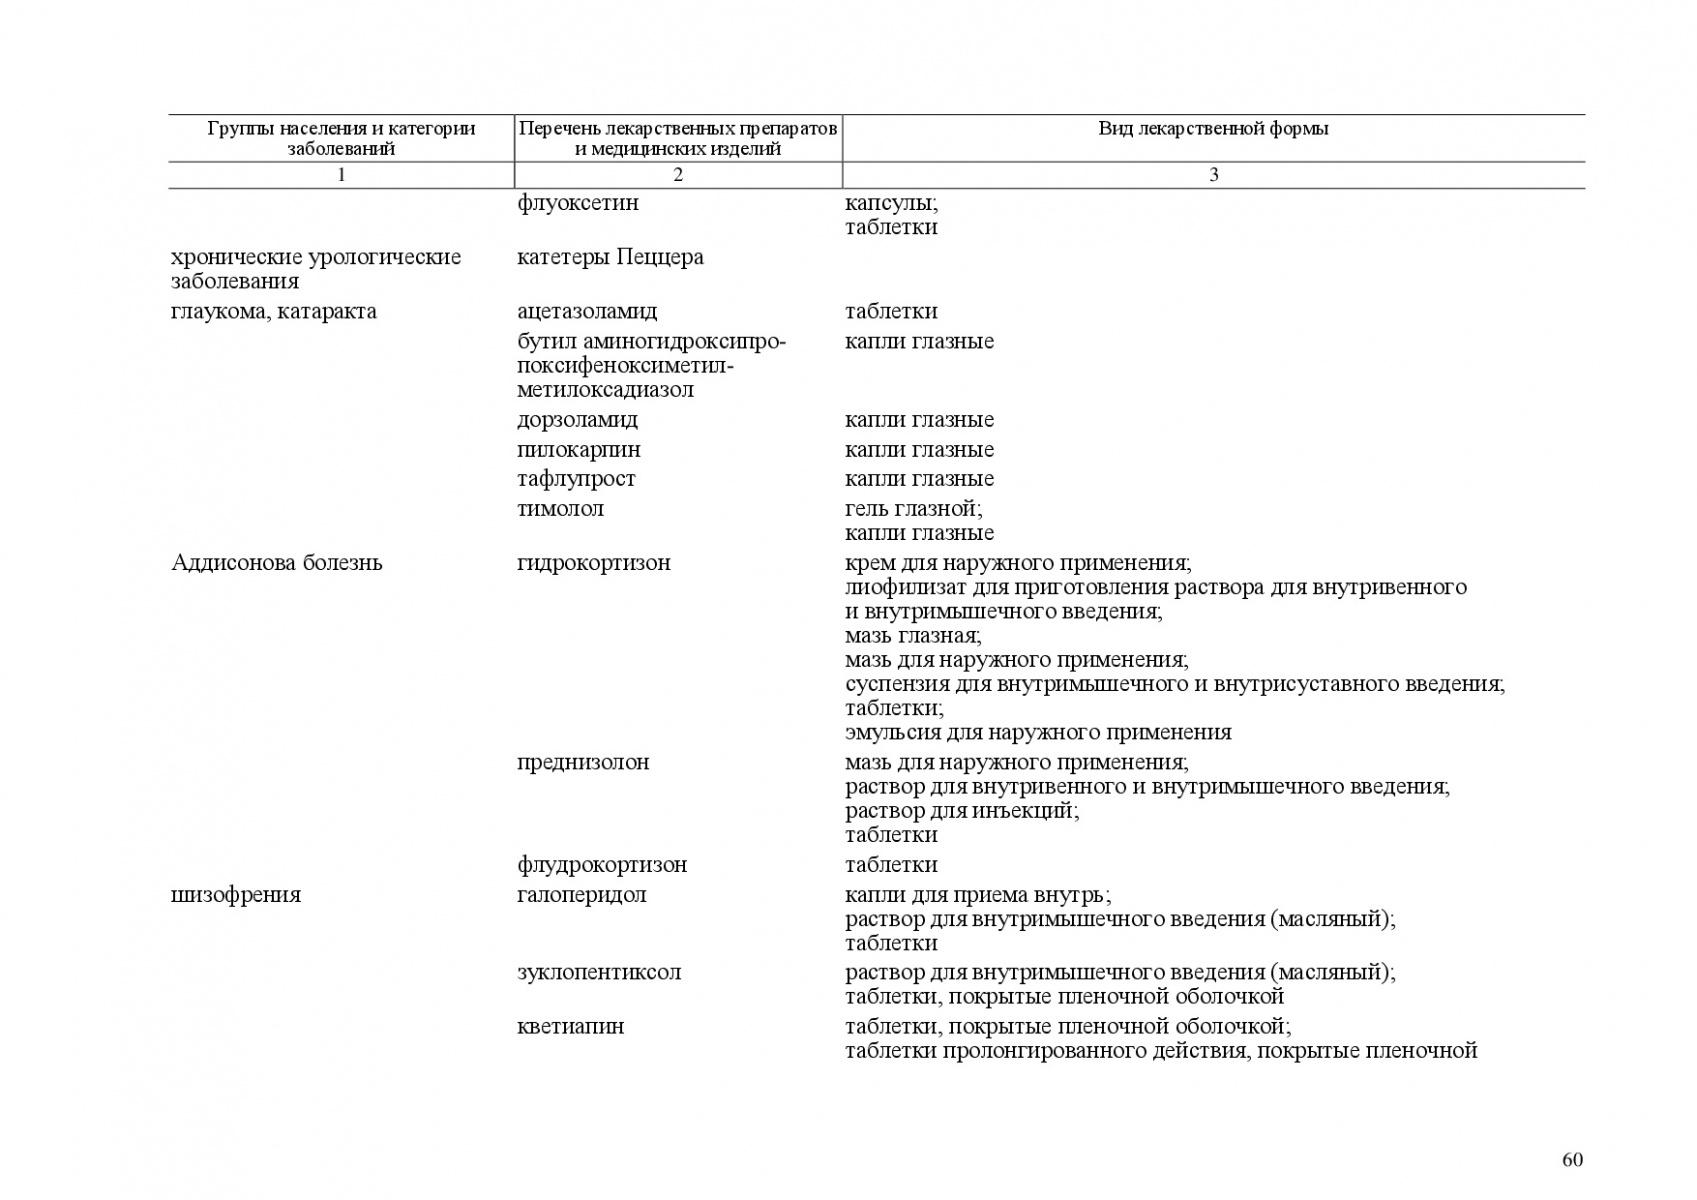 Prilozhenie-6-127-OD-060